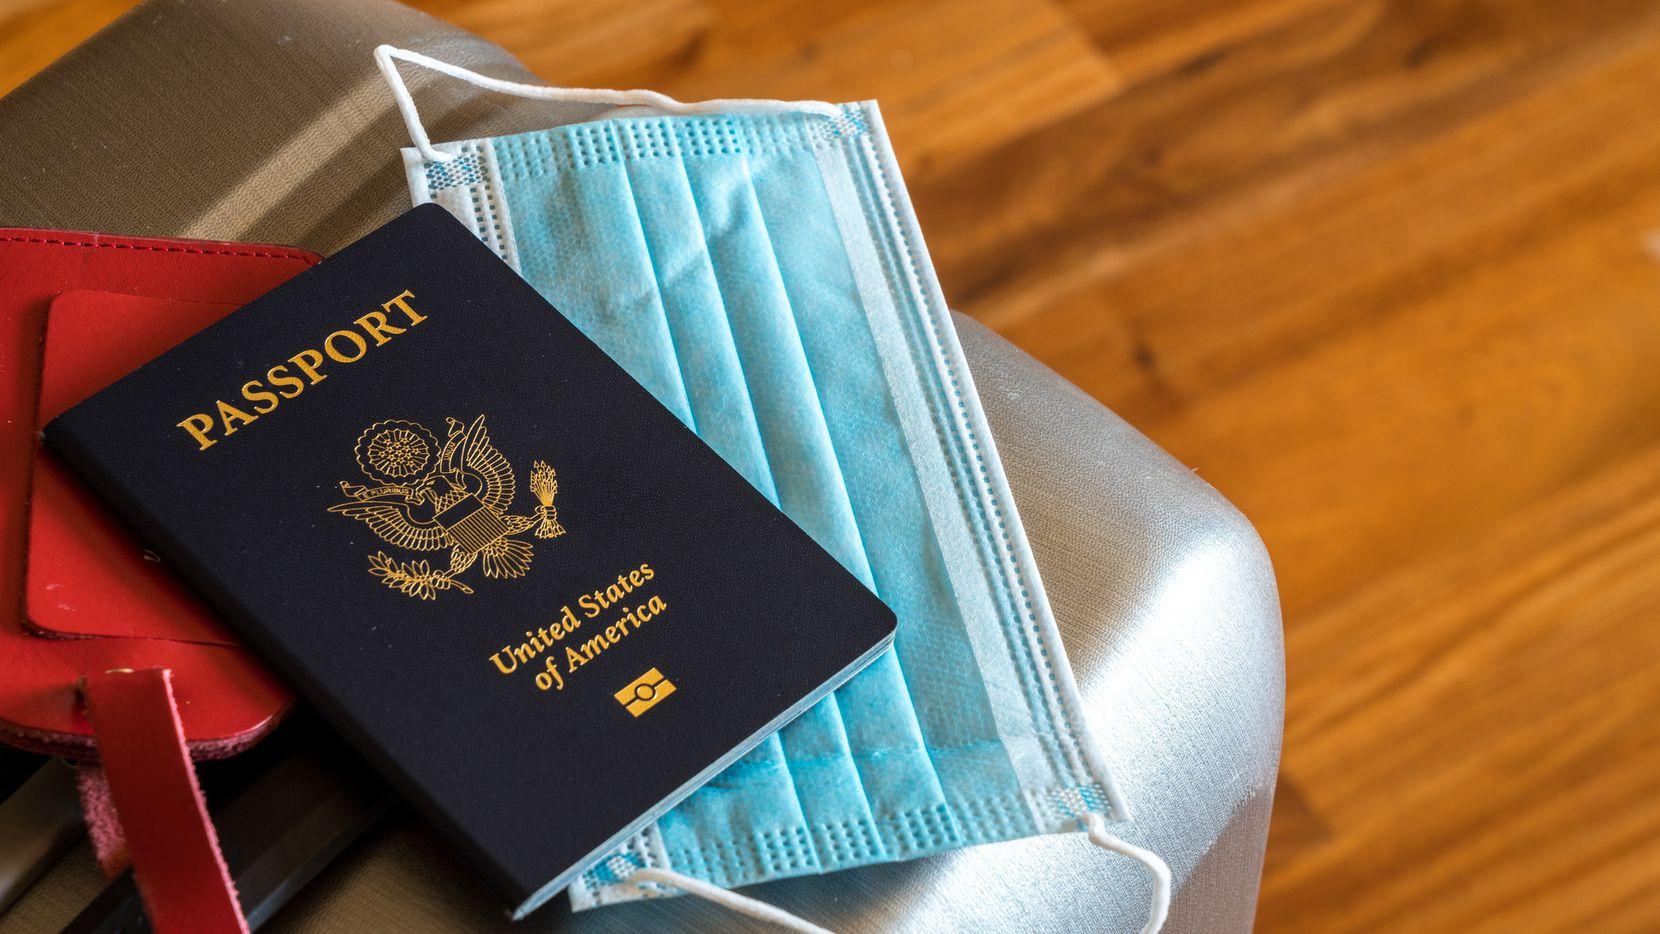 La espera para obtener el documento de viaje puede ser de hasta 18 semanas y, debido a los cuidados por la pandemia de covid-19, las citas para tramitarlo de emergencia son escasas.